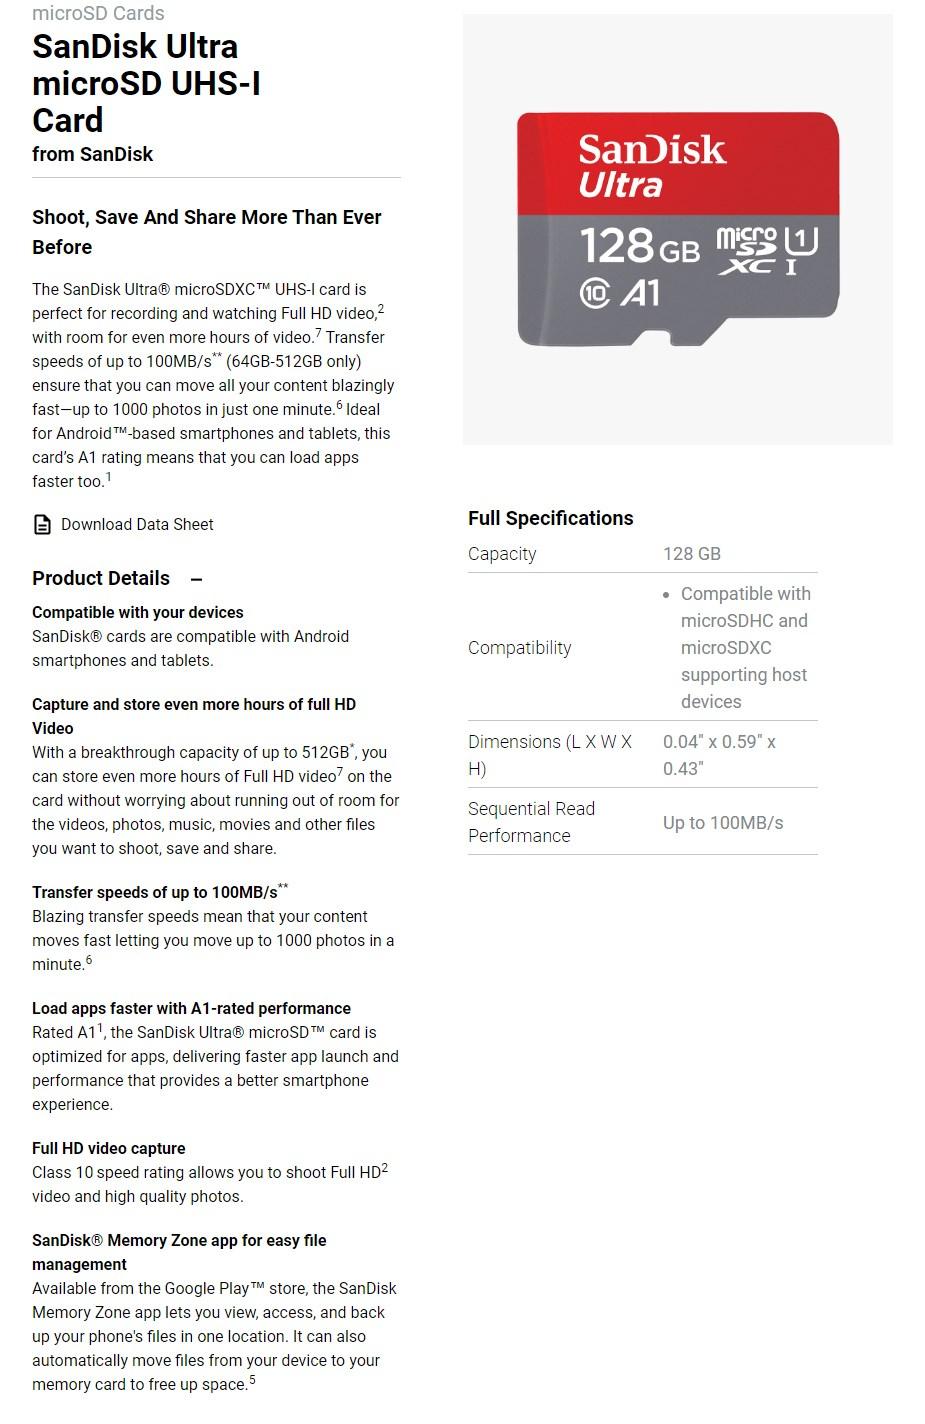 sandisk-128gb-ultra-microsd-uhsi-memory-card-100mbs-ac29340.jpg